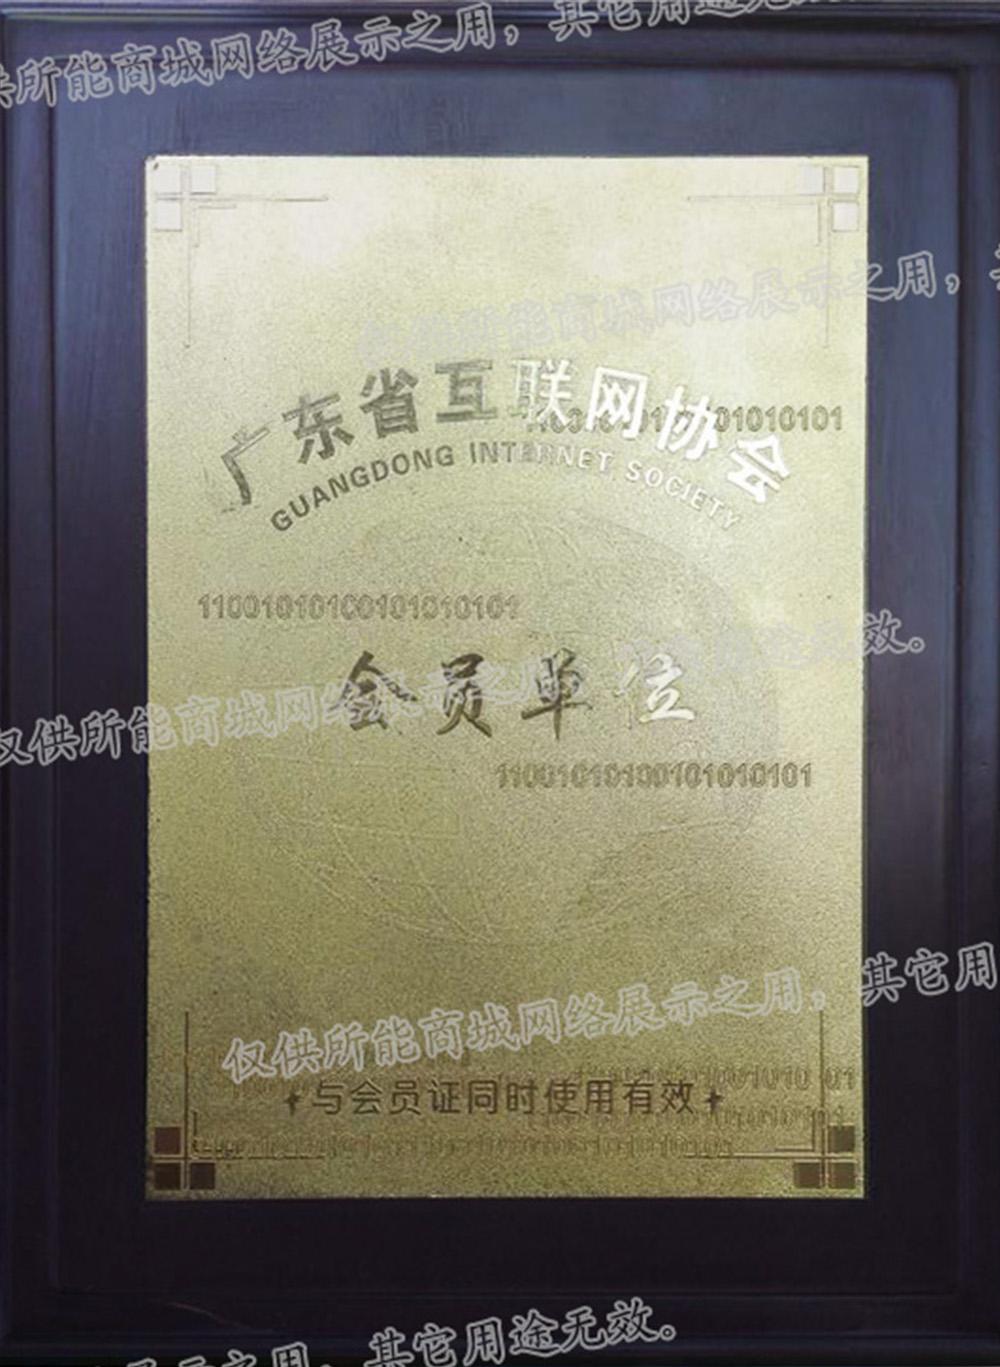 广东省互联网协会